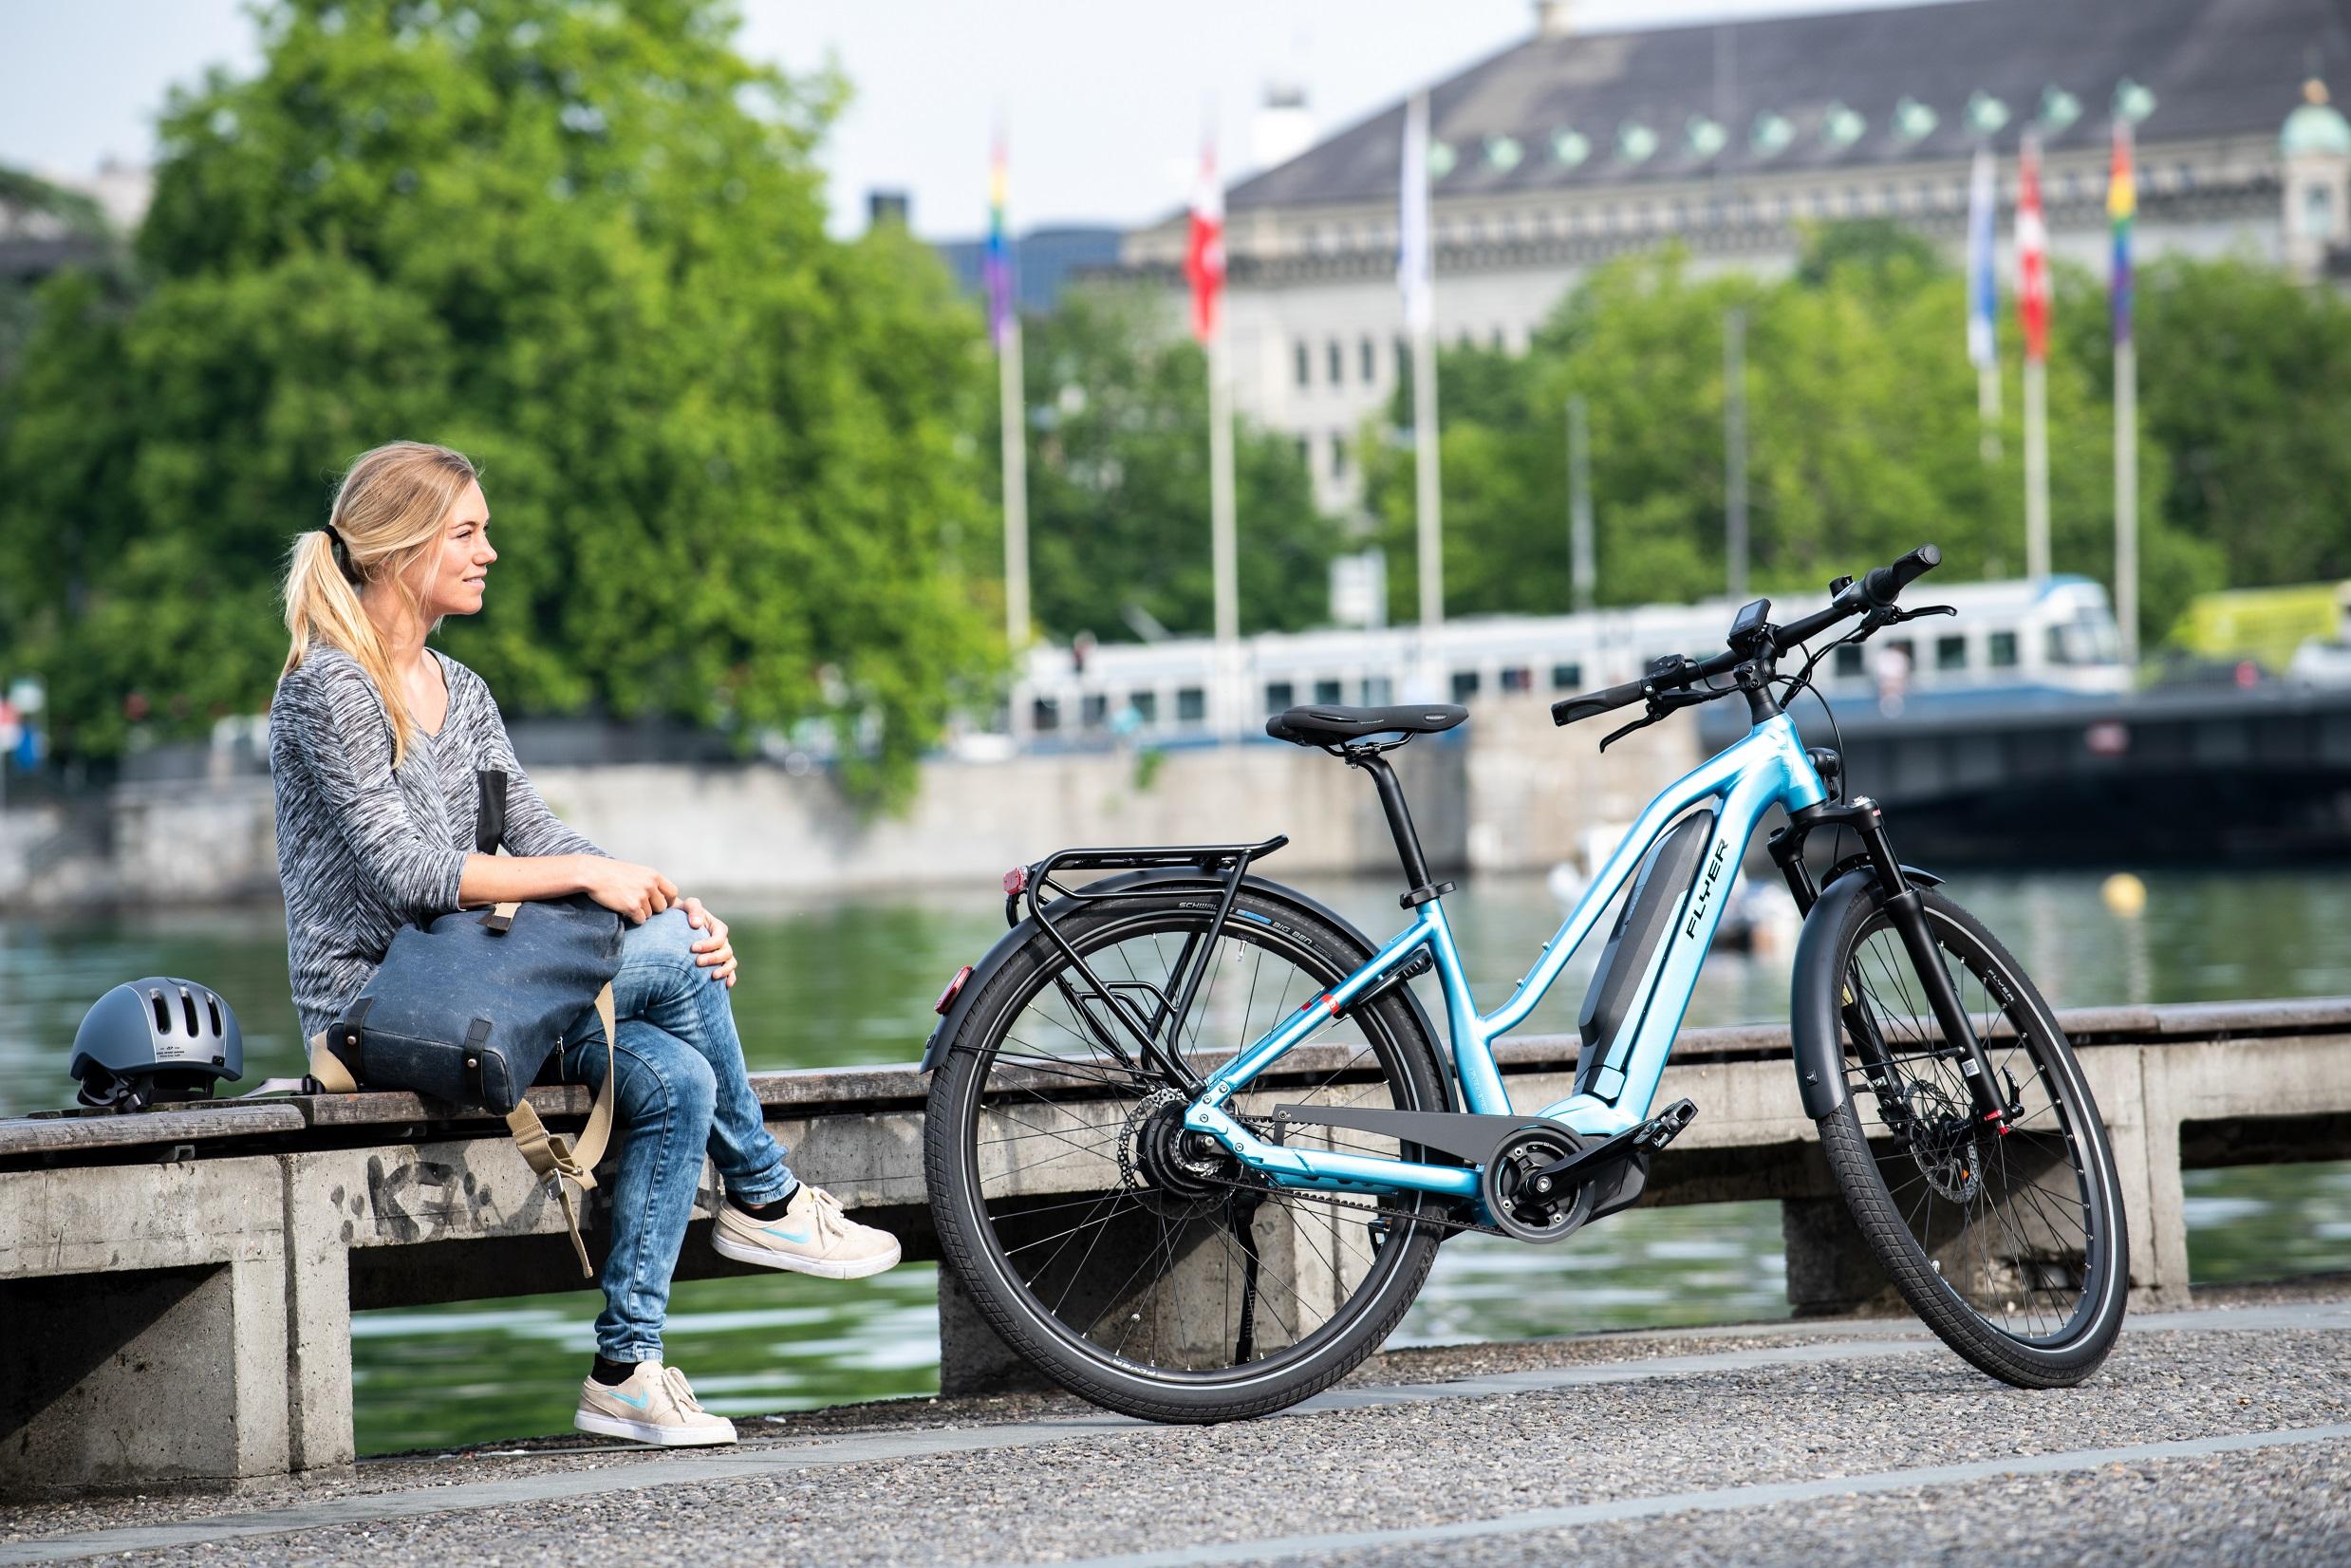 FLYER_E-Bikes_Urban_Upstreet5_Zurich_24